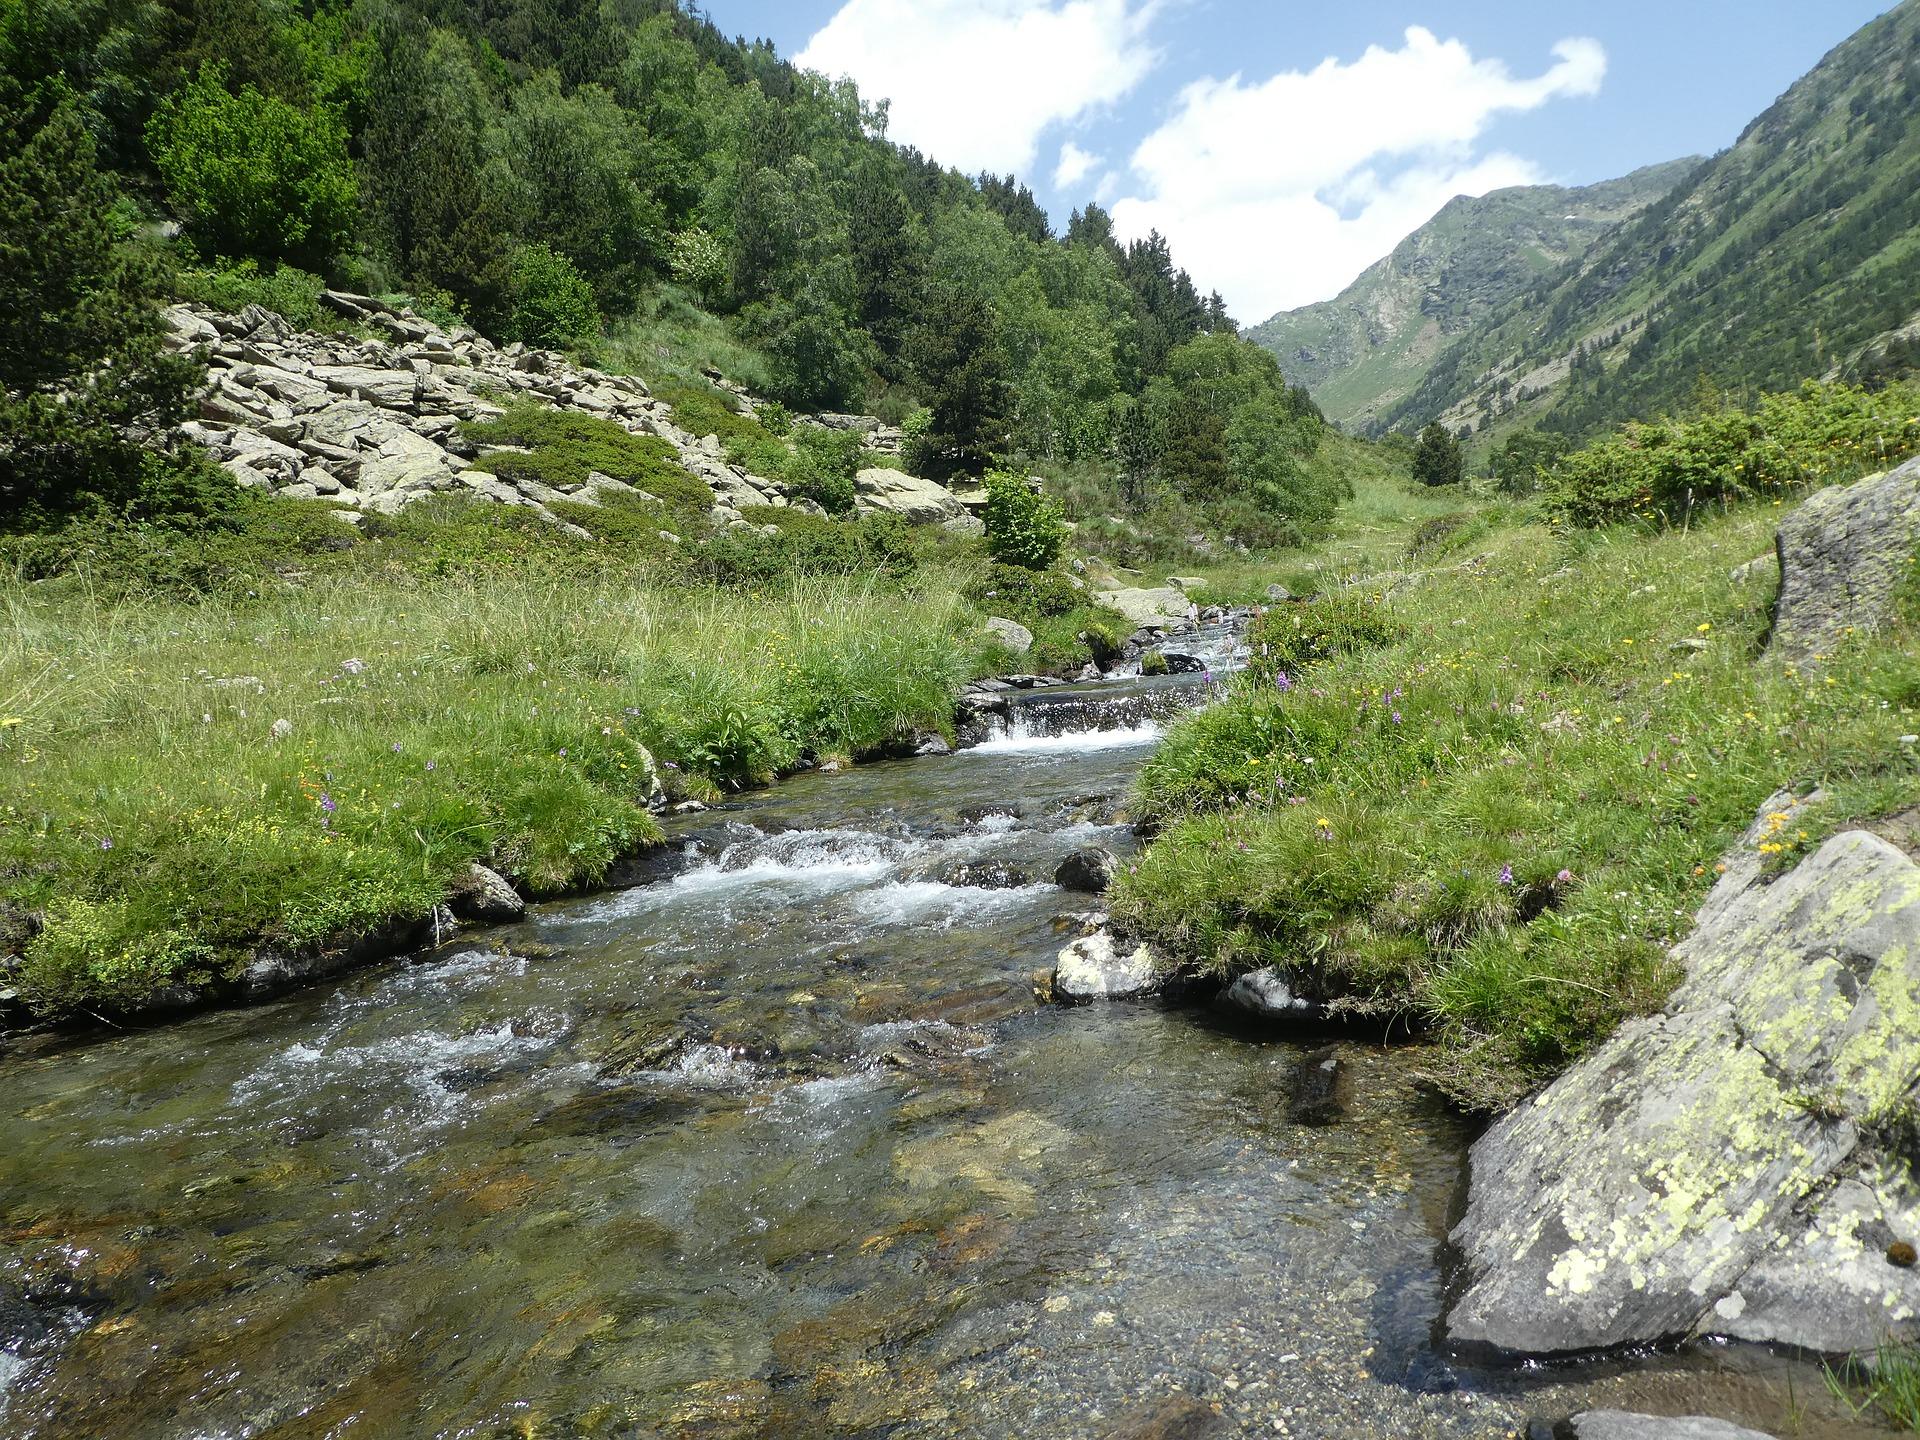 river-3578576_1920.jpg?1545814608